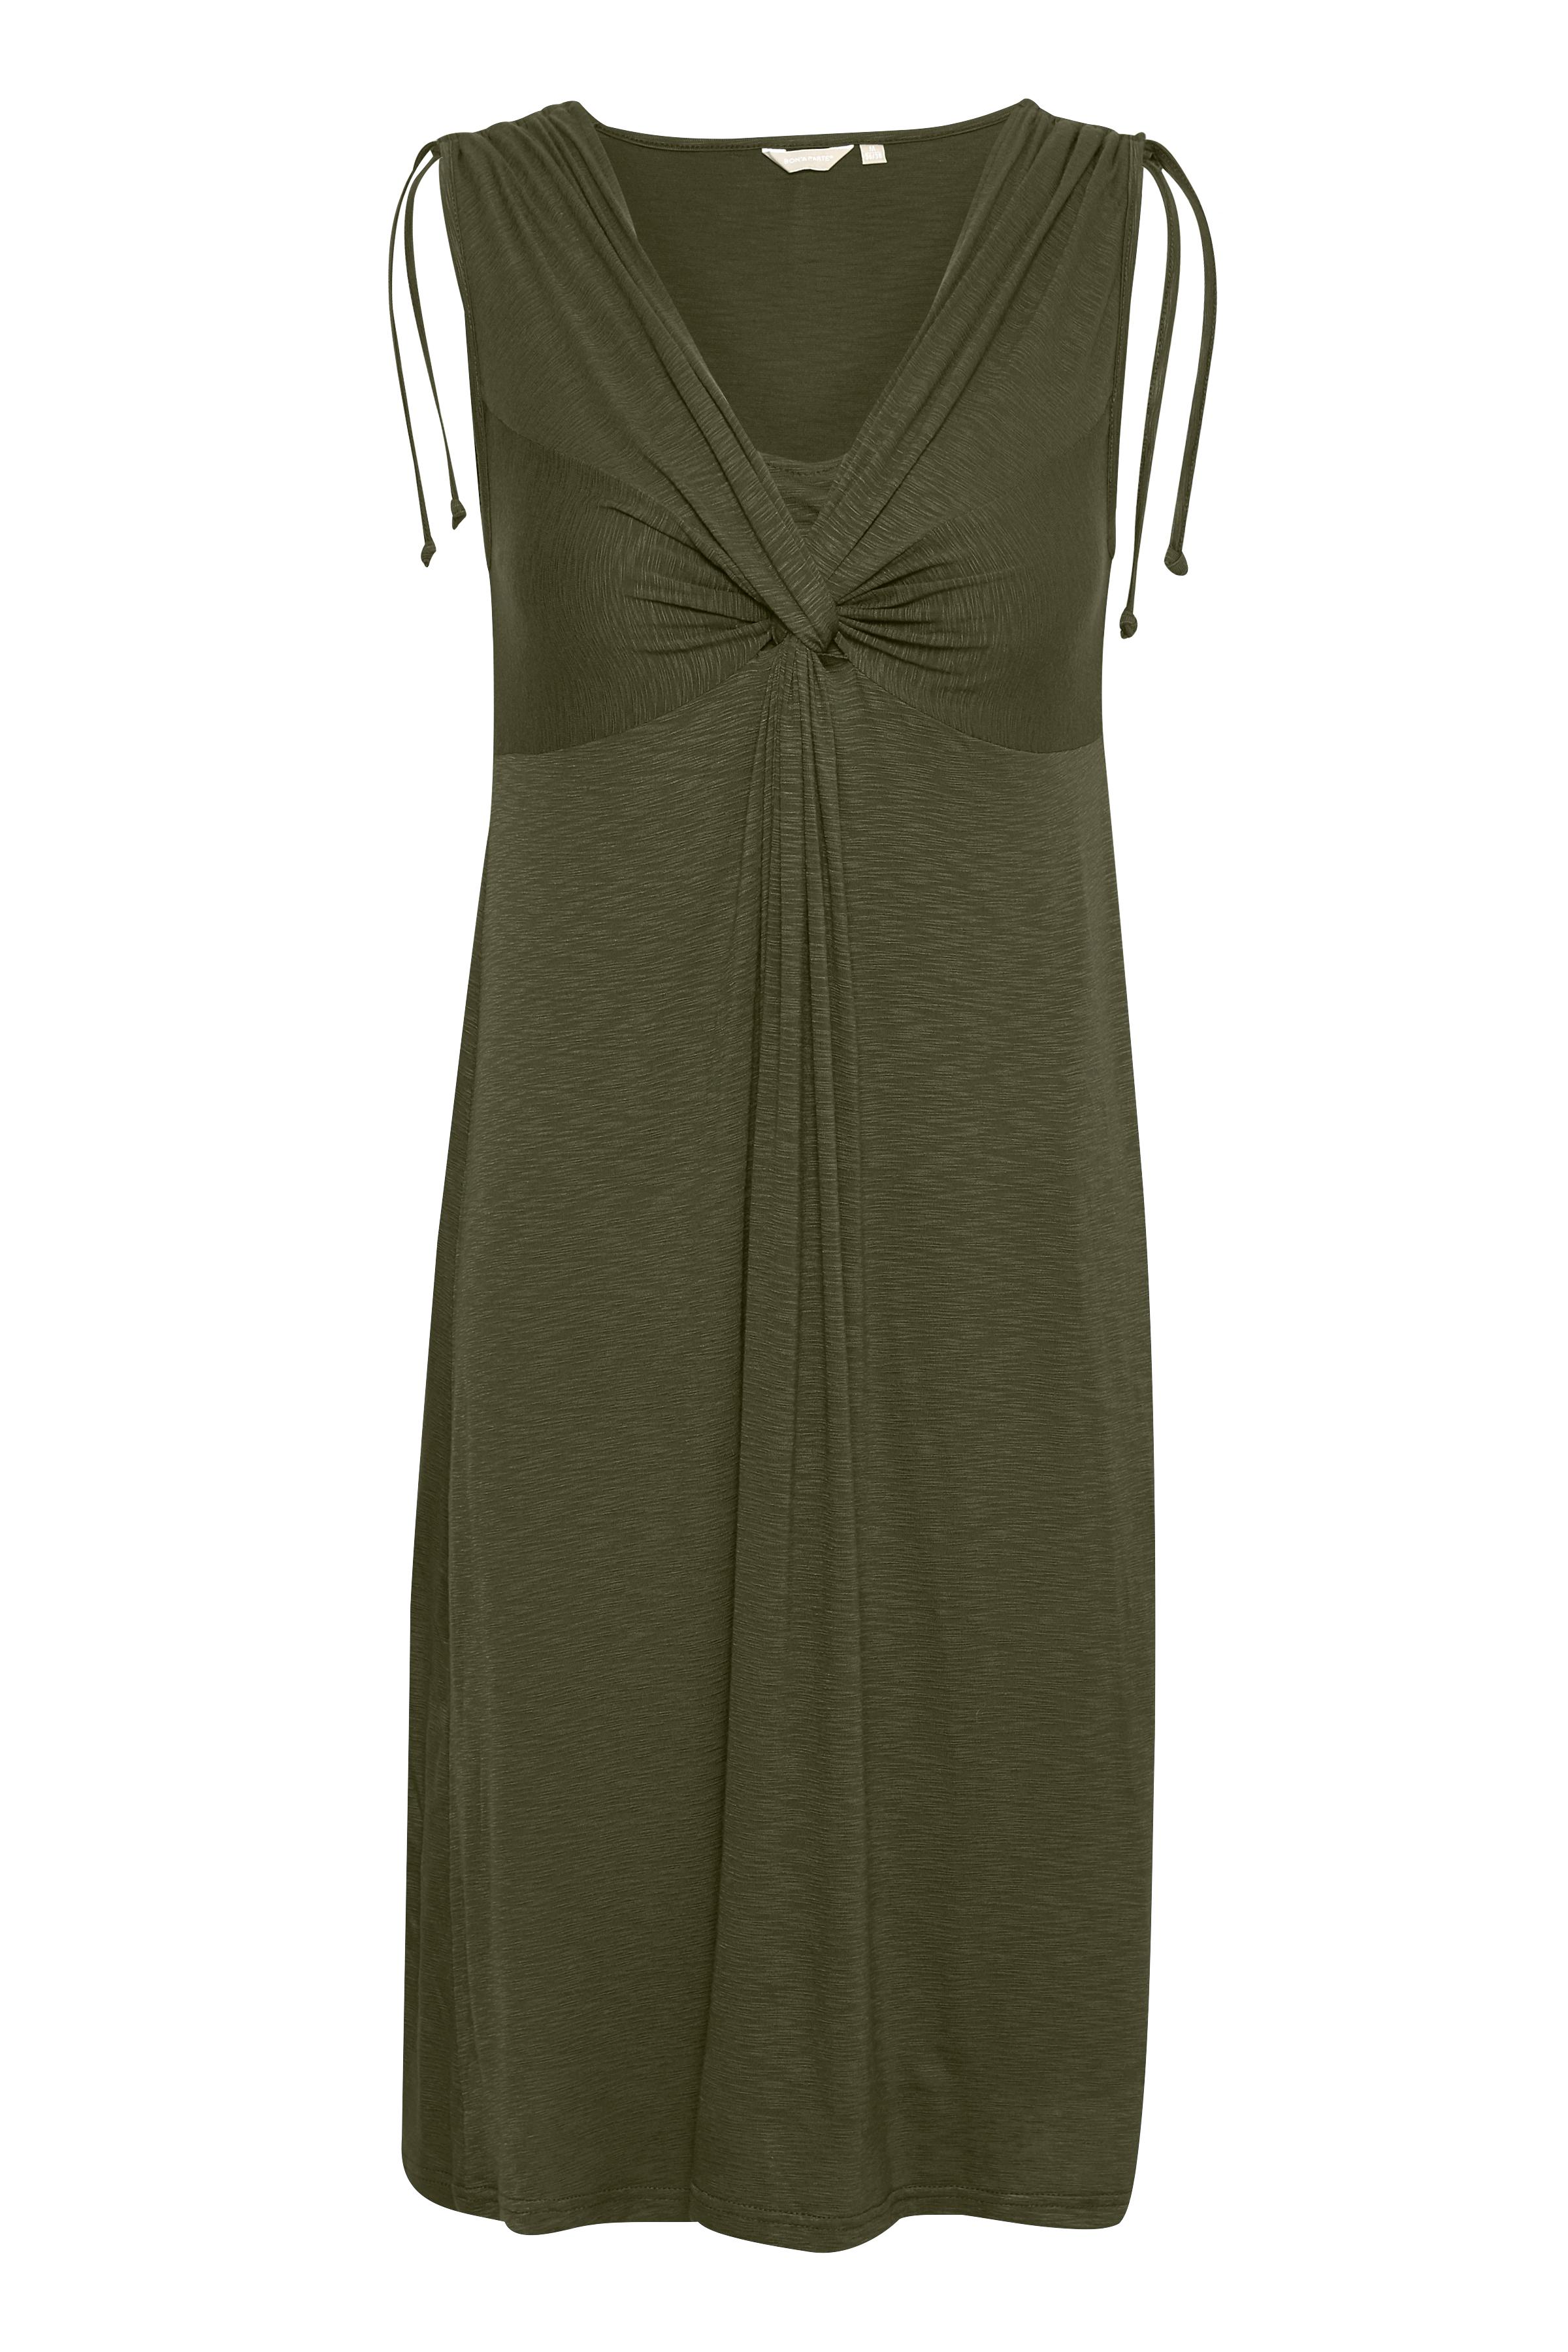 Army Kleid von Bon'A Parte – Shoppen Sie Army Kleid ab Gr. S-2XL hier